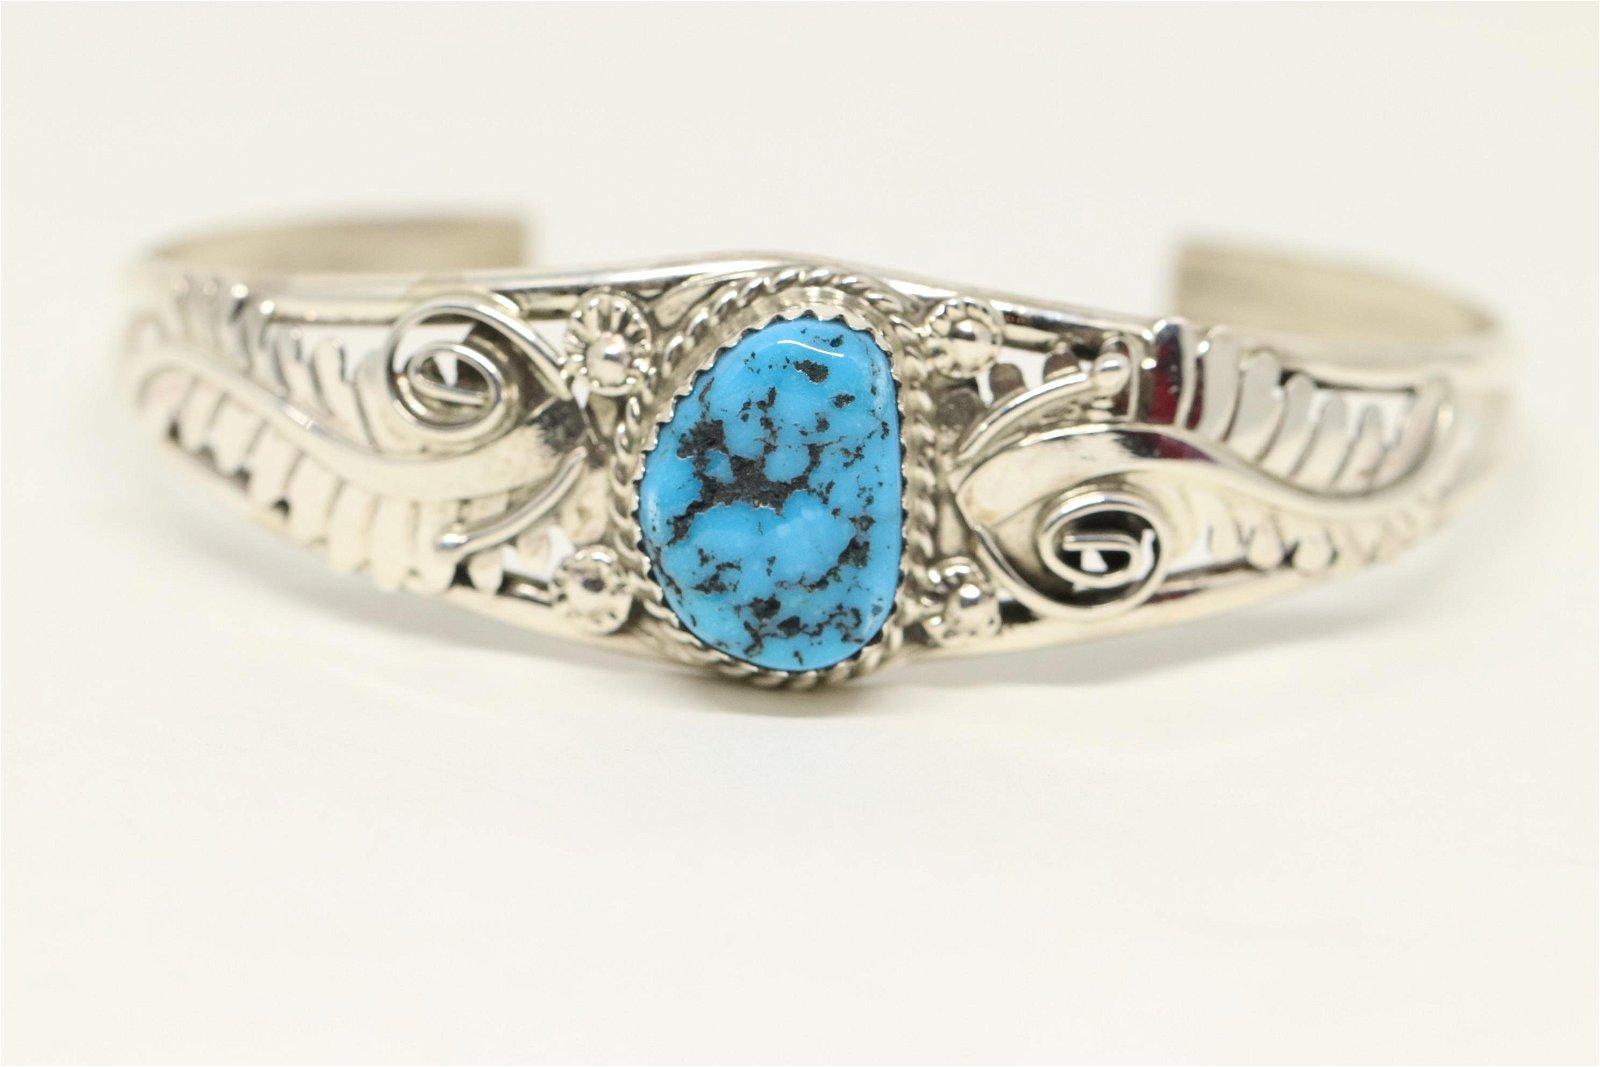 Navajo Sterling Silver Turquoise Bracelet - Renee